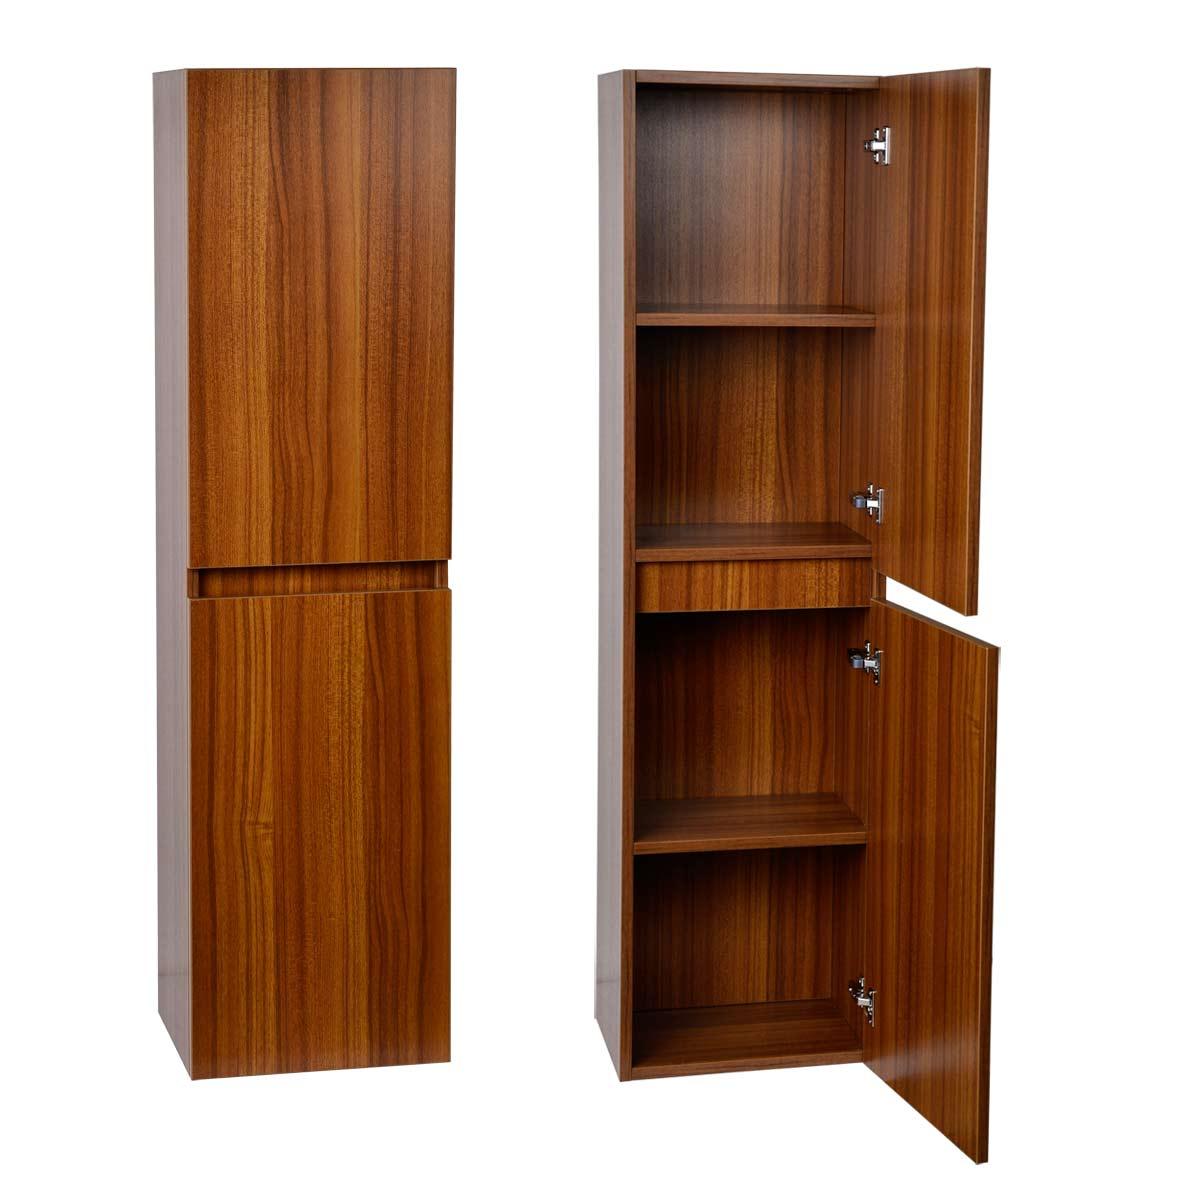 Buy 16 Quot X 59 Quot Linen Cabinet In Walnut Tn A1000 Sc Tk On